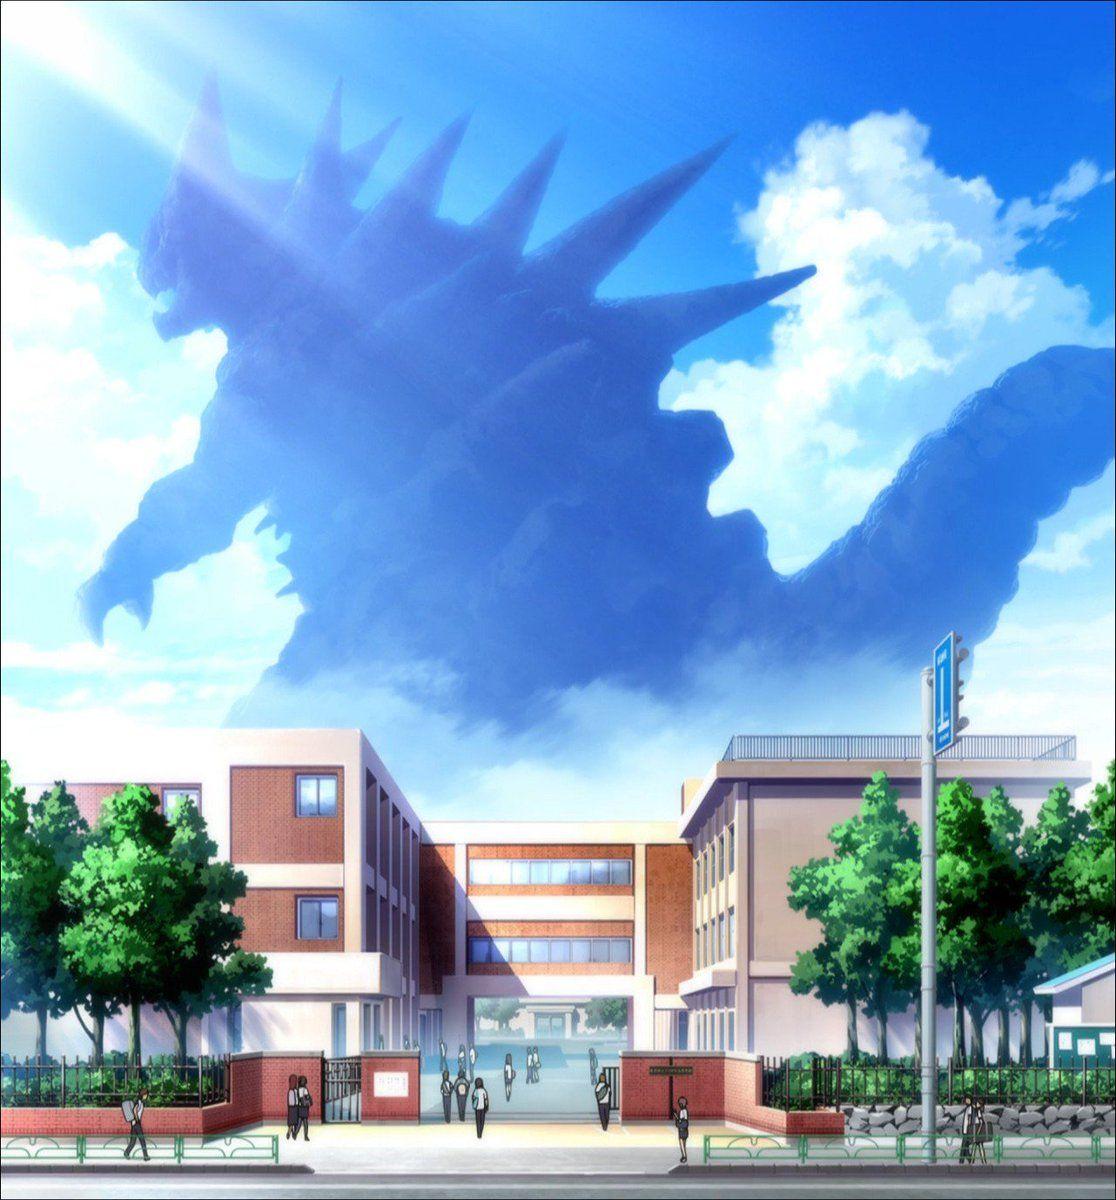 Pin by Jonathan Maldonado on Ssss Anime news network